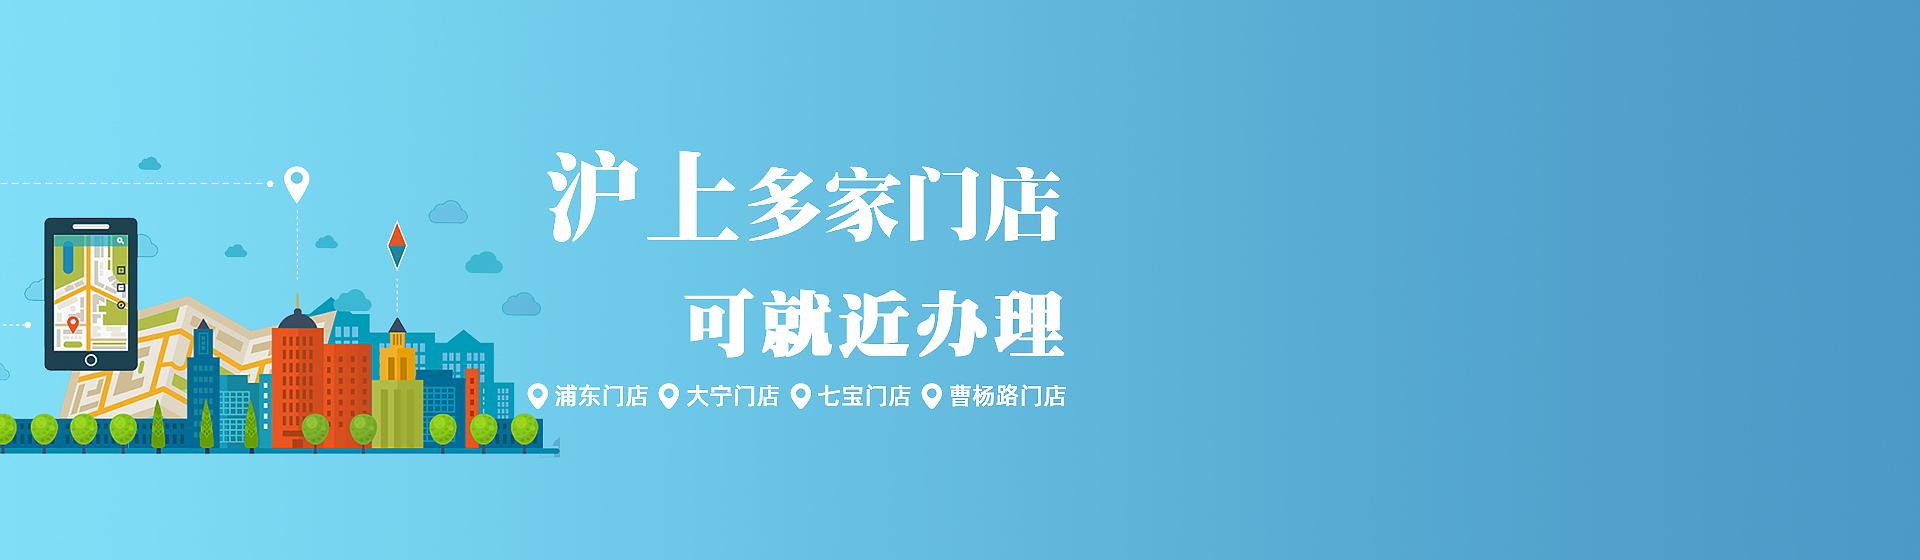 上海车辆抵押贷款平台